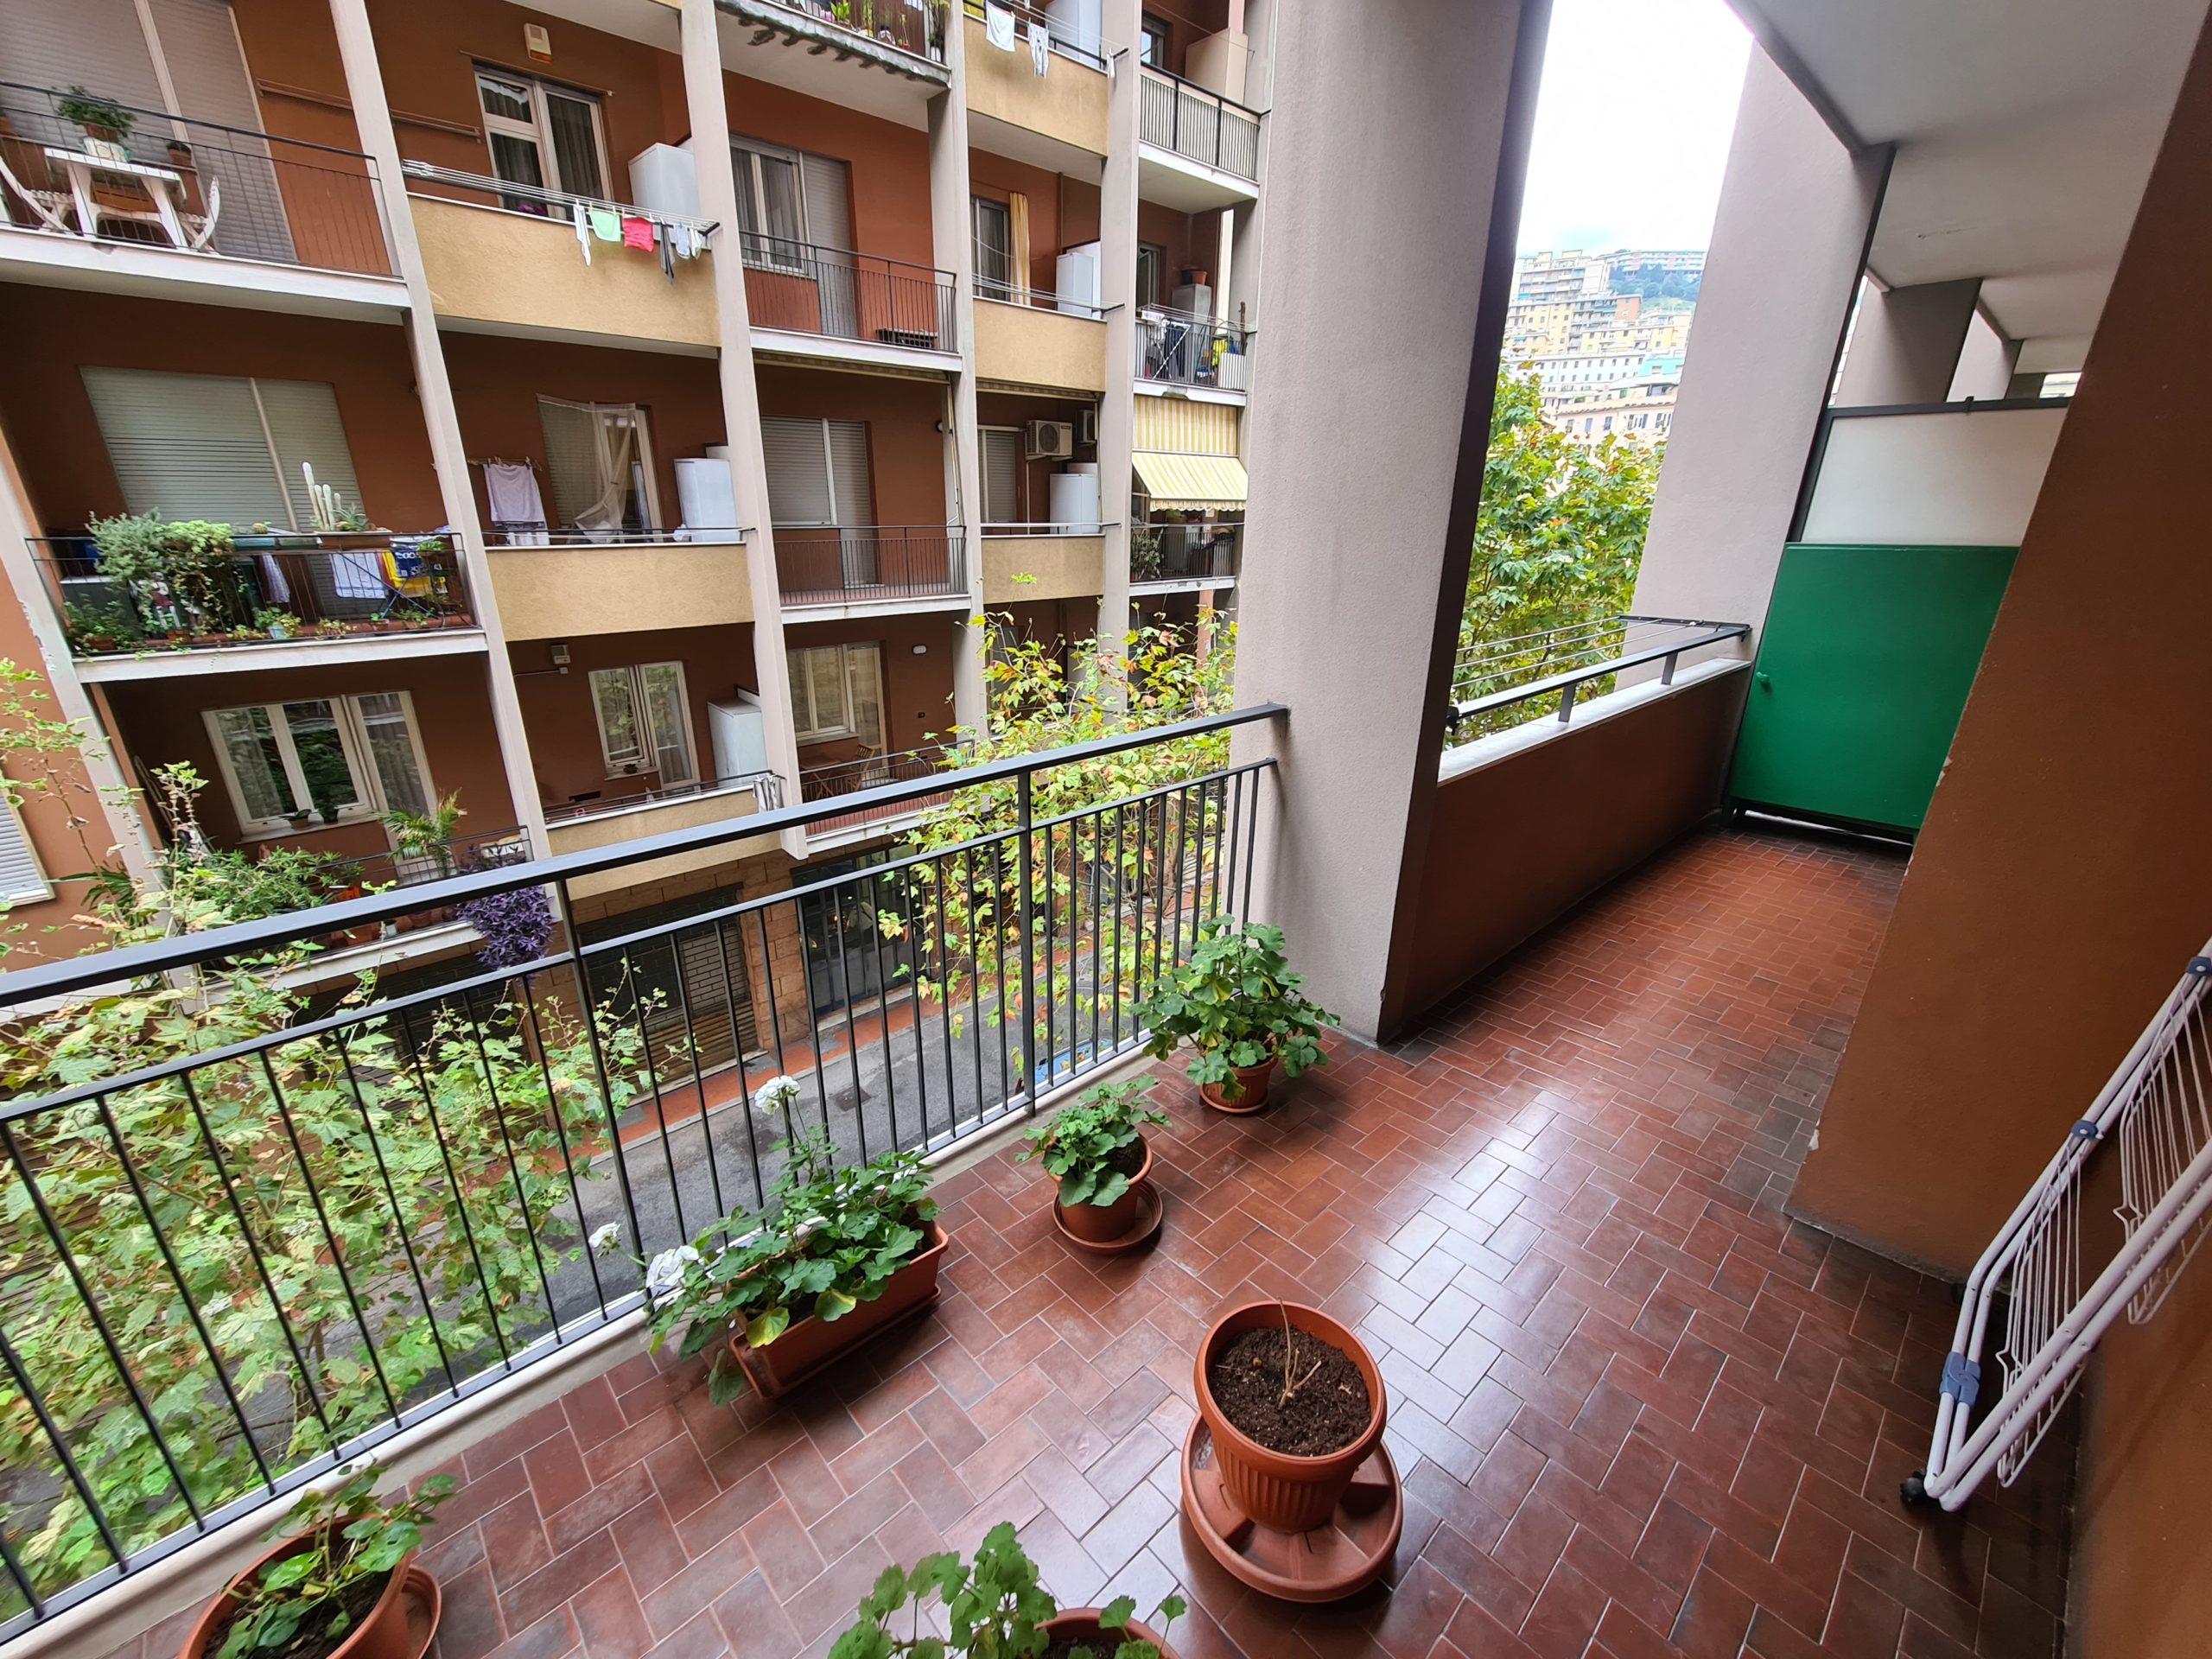 MARASSI (VIA BOBBIO) Vendesi appartamento 6 VANI doppia balconata